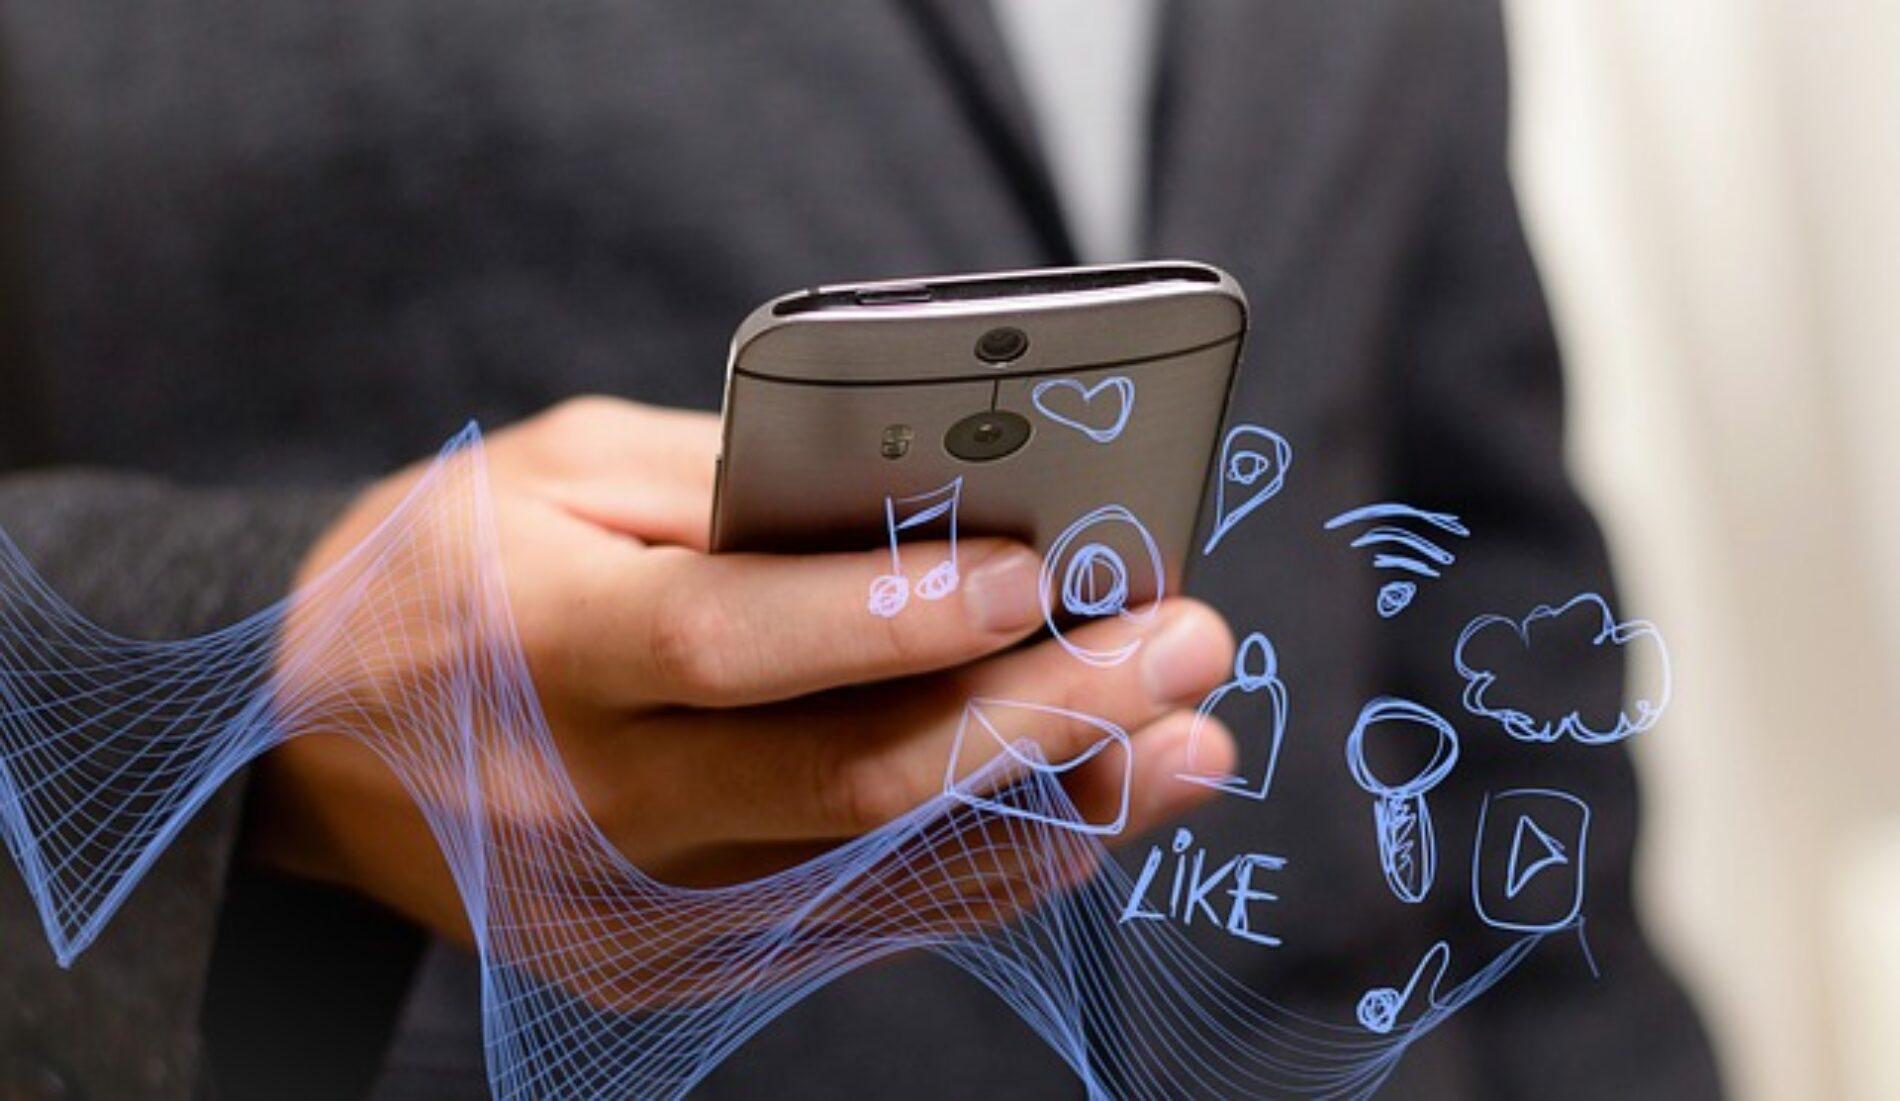 ¿Cuáles son los riesgos de que tus datos personales estén en Internet?